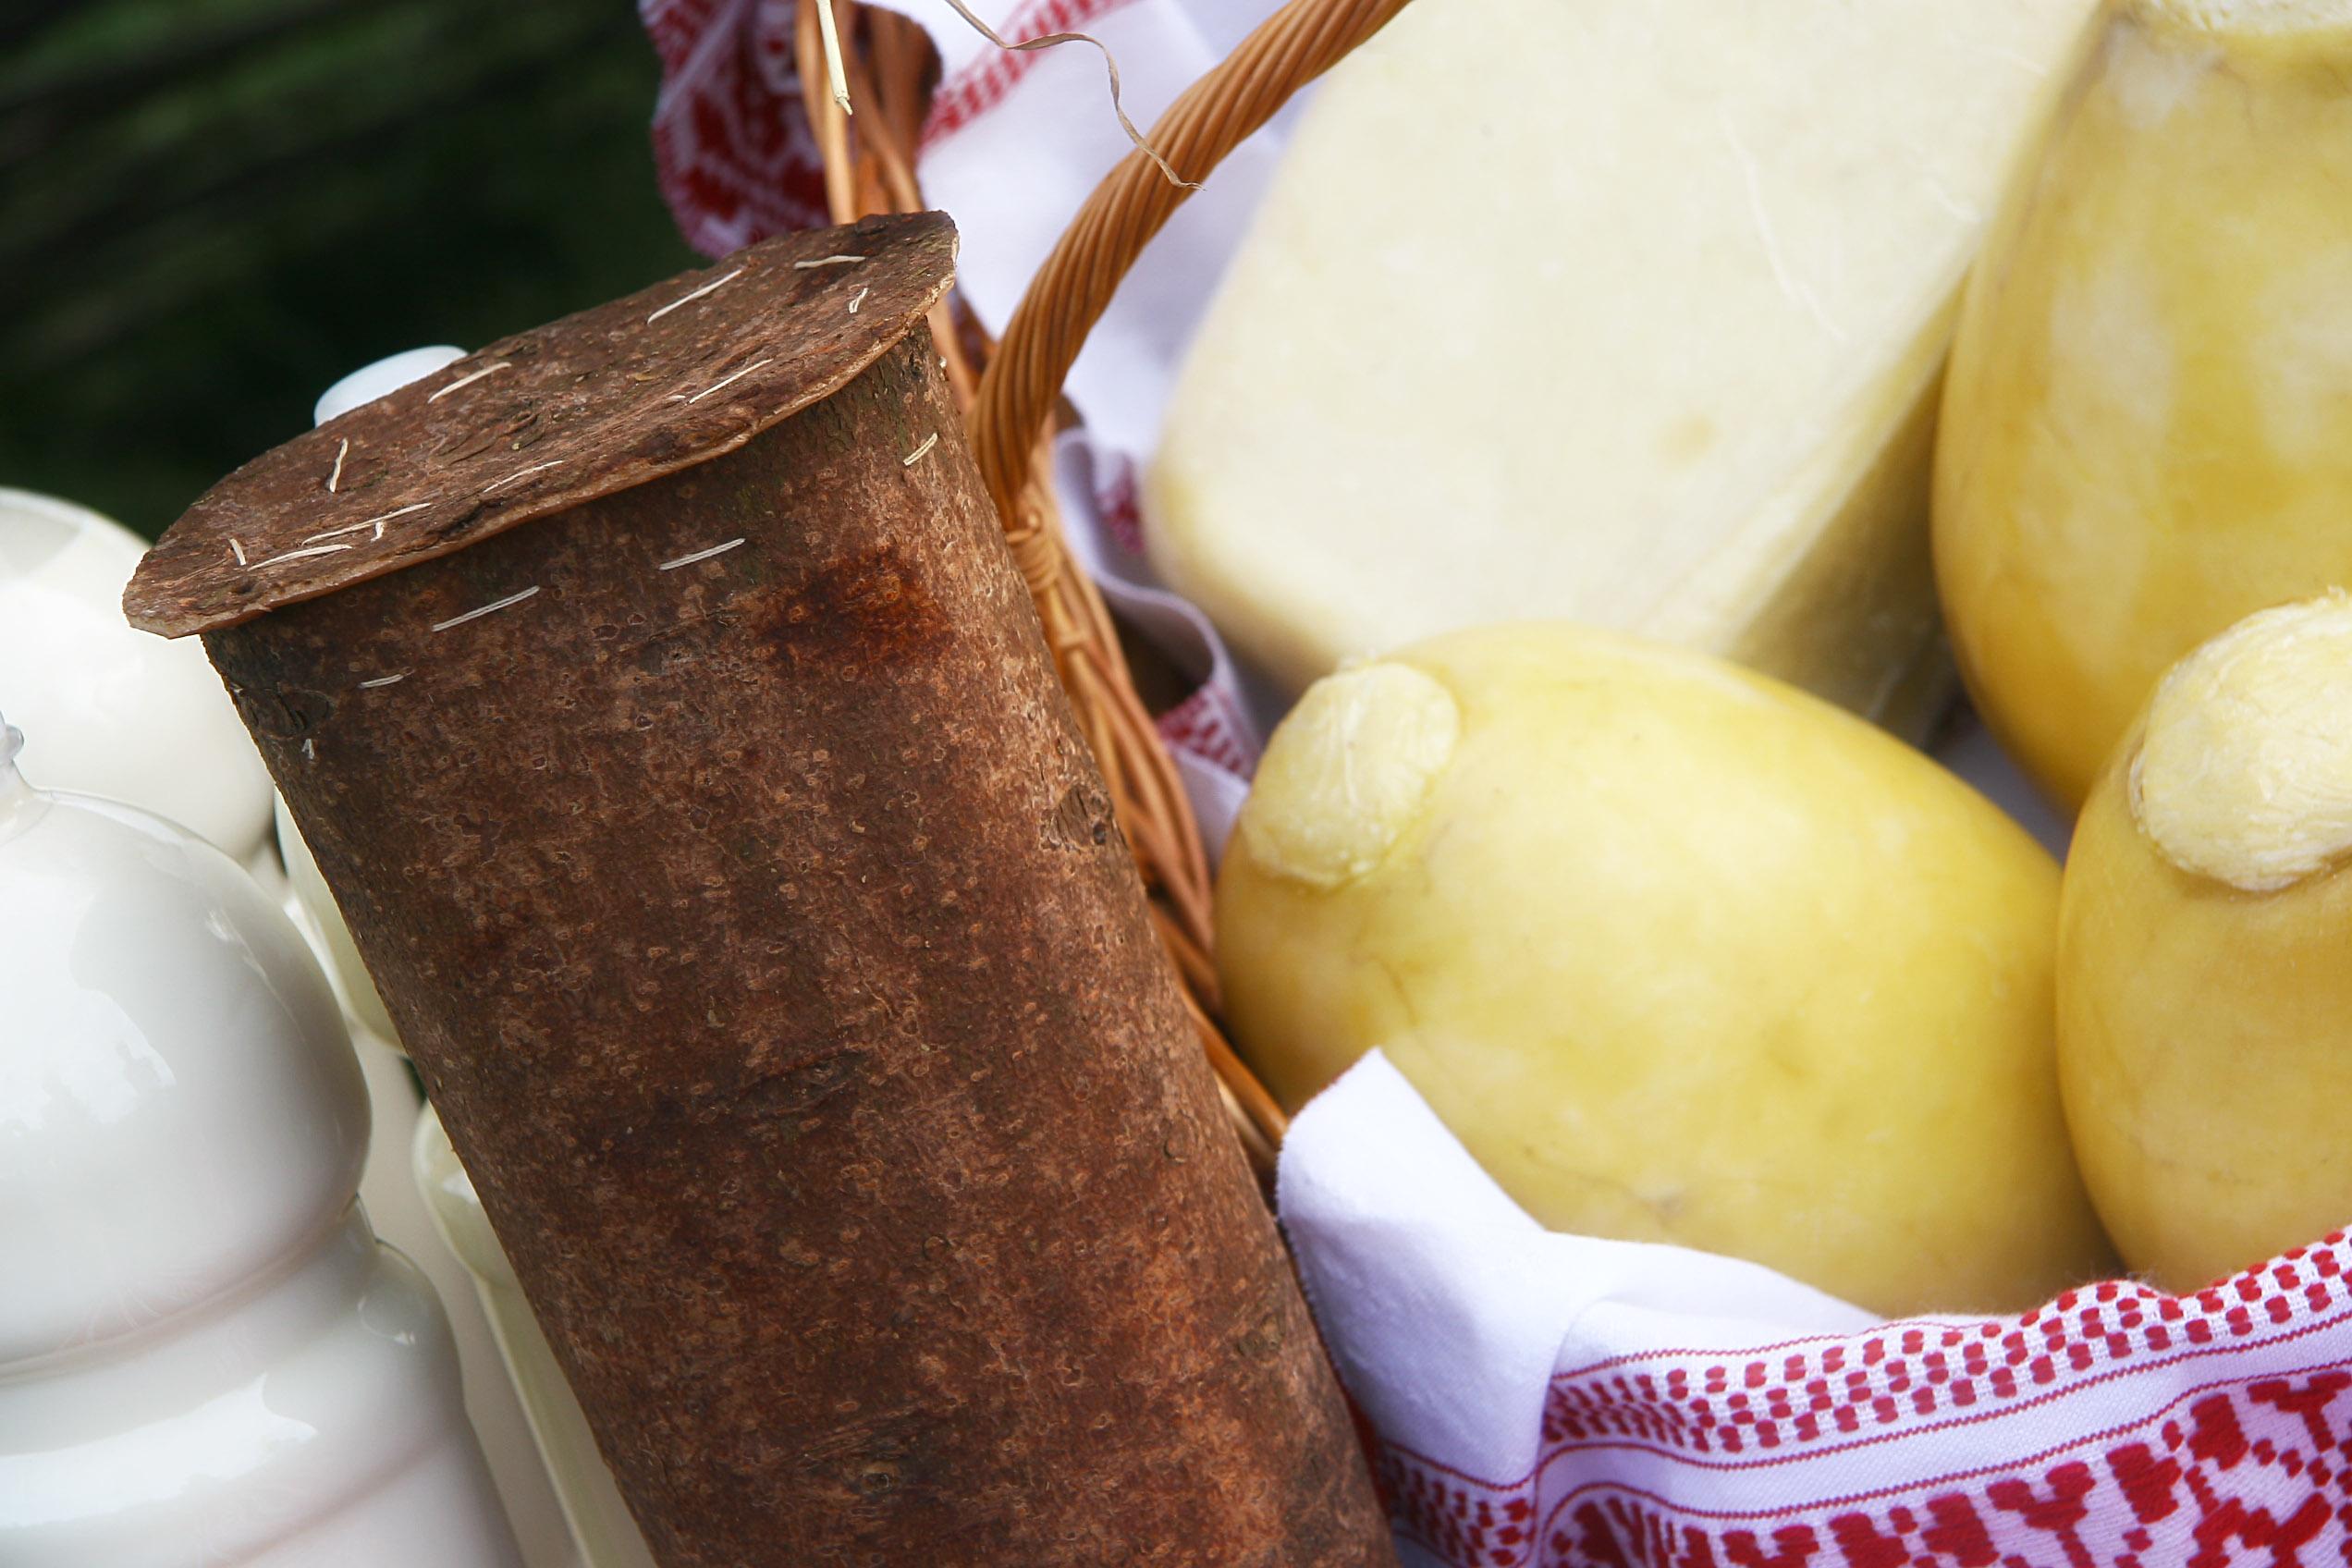 Produsele alimentare tradiționale românești cuceresc țările străine!